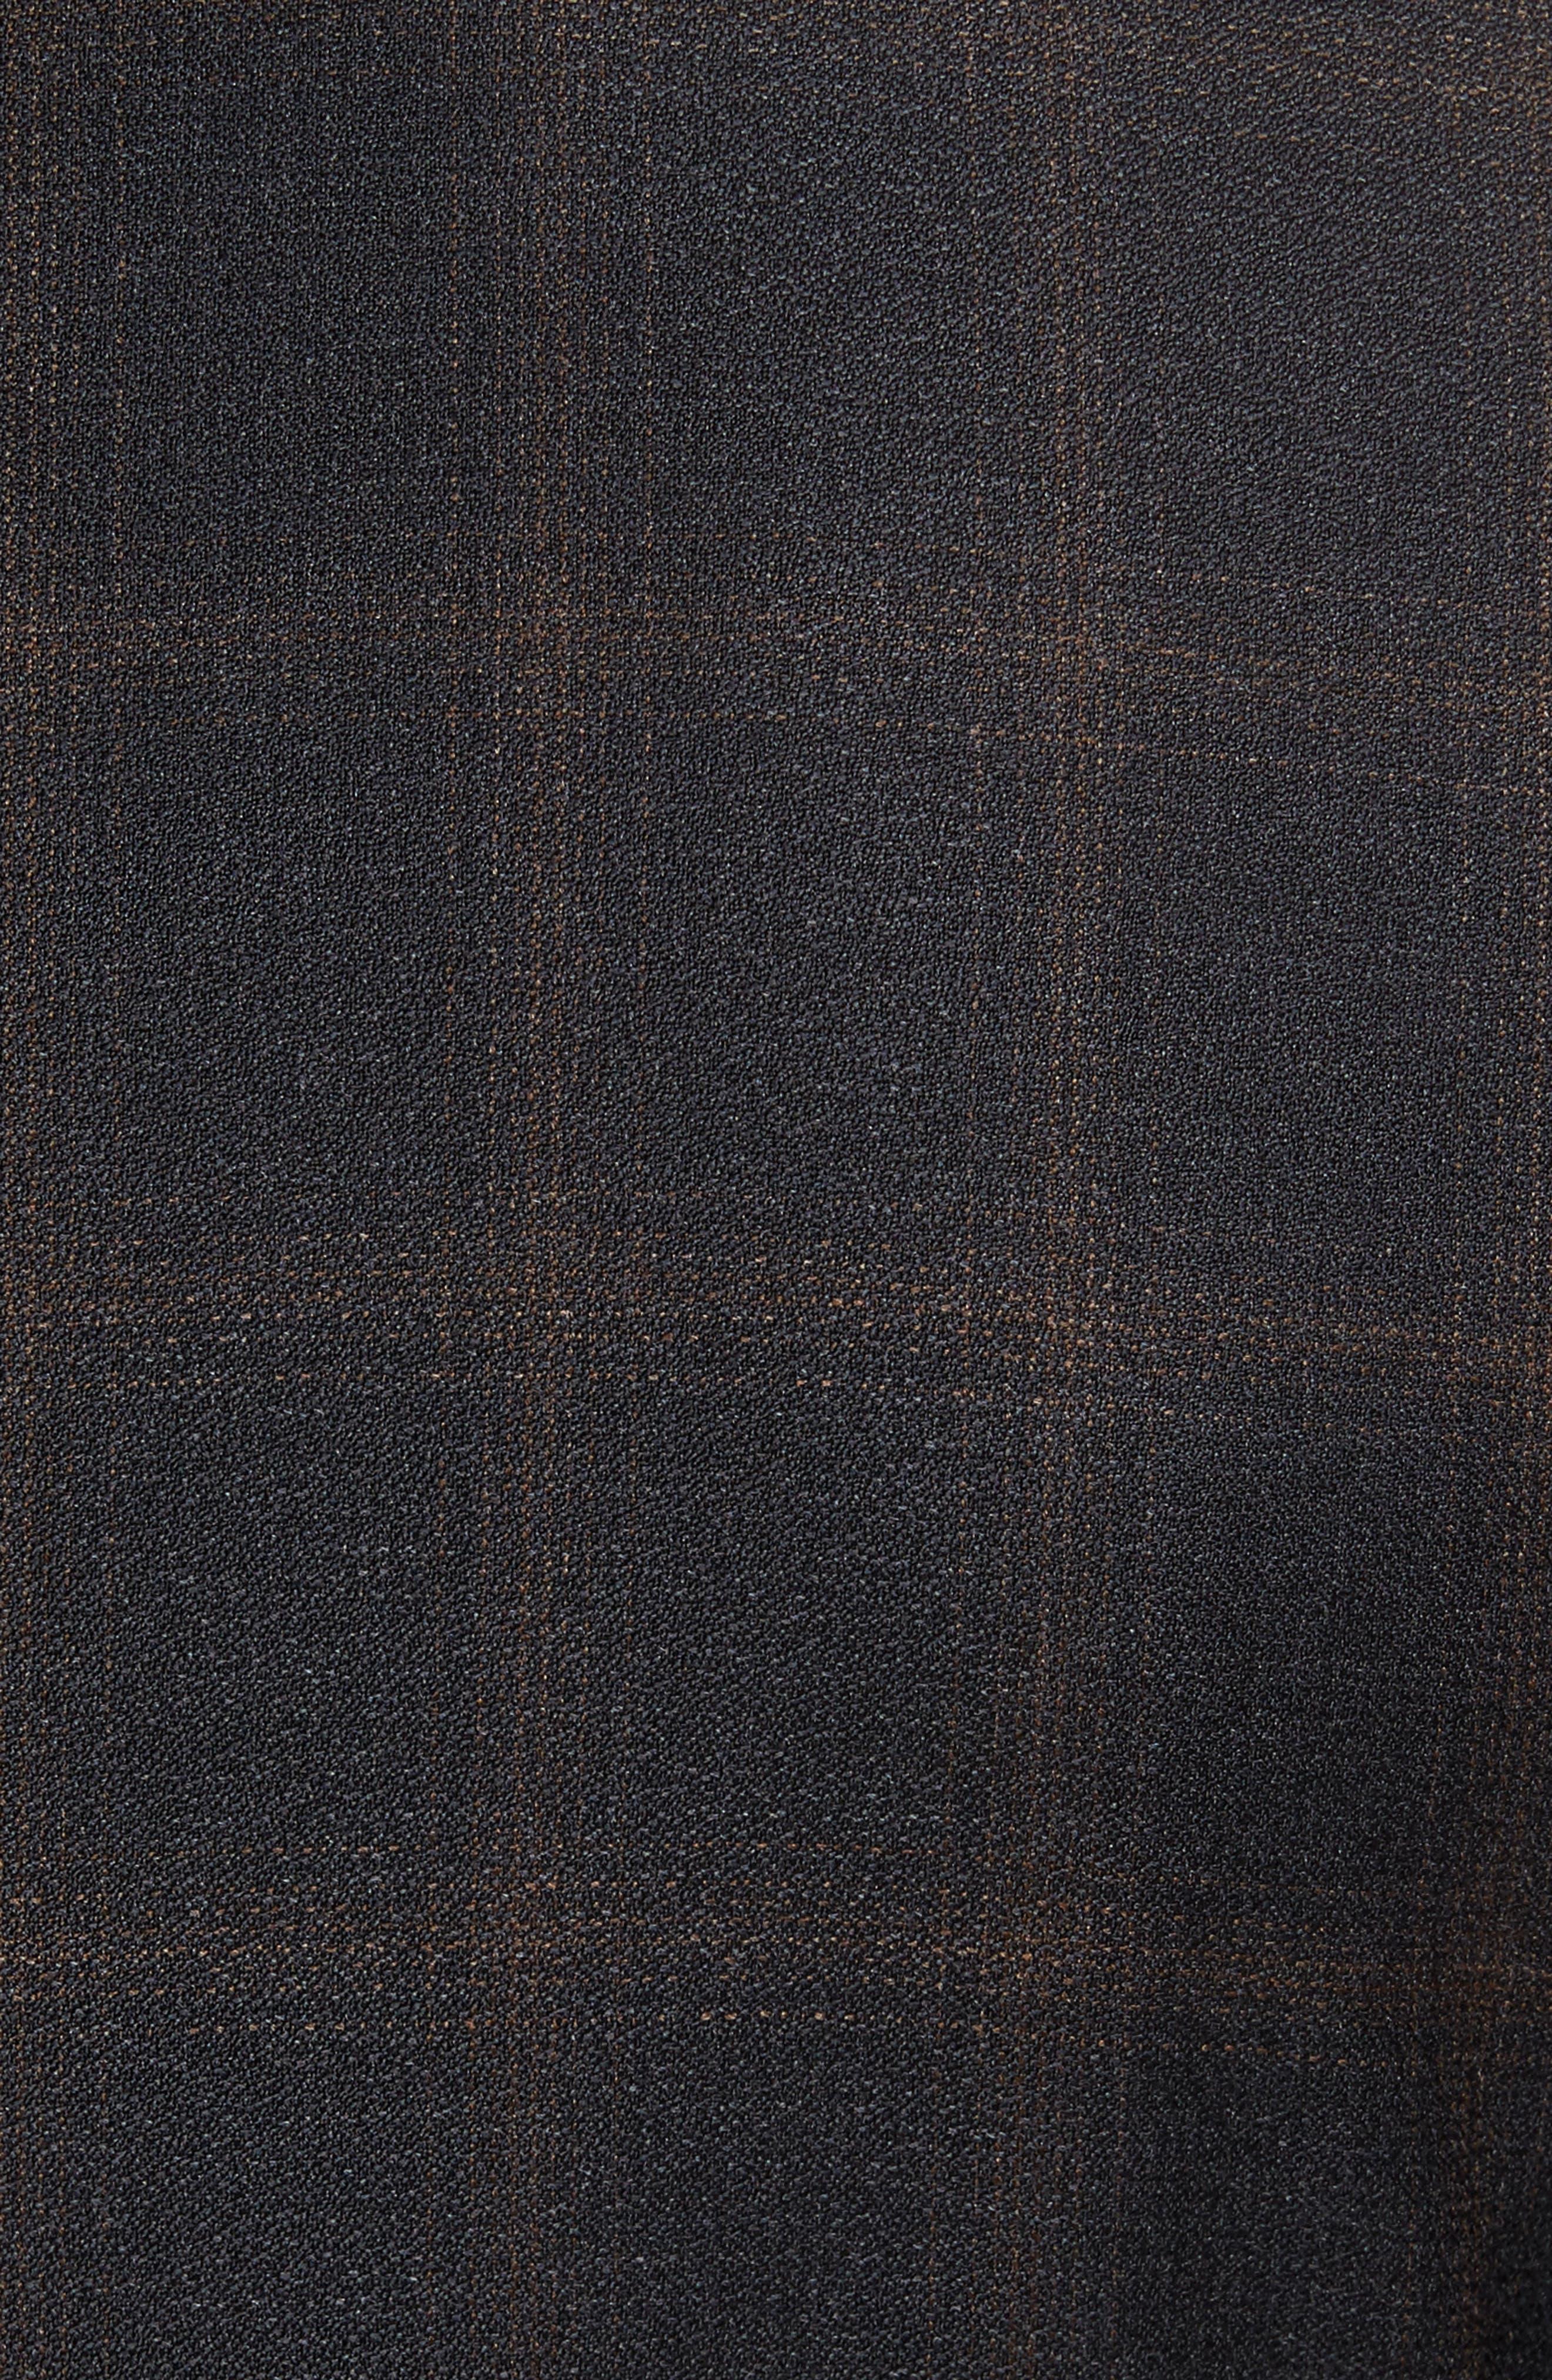 Novan/Ben Trim Fit Plaid Wool Suit,                             Alternate thumbnail 7, color,                             Open Grey